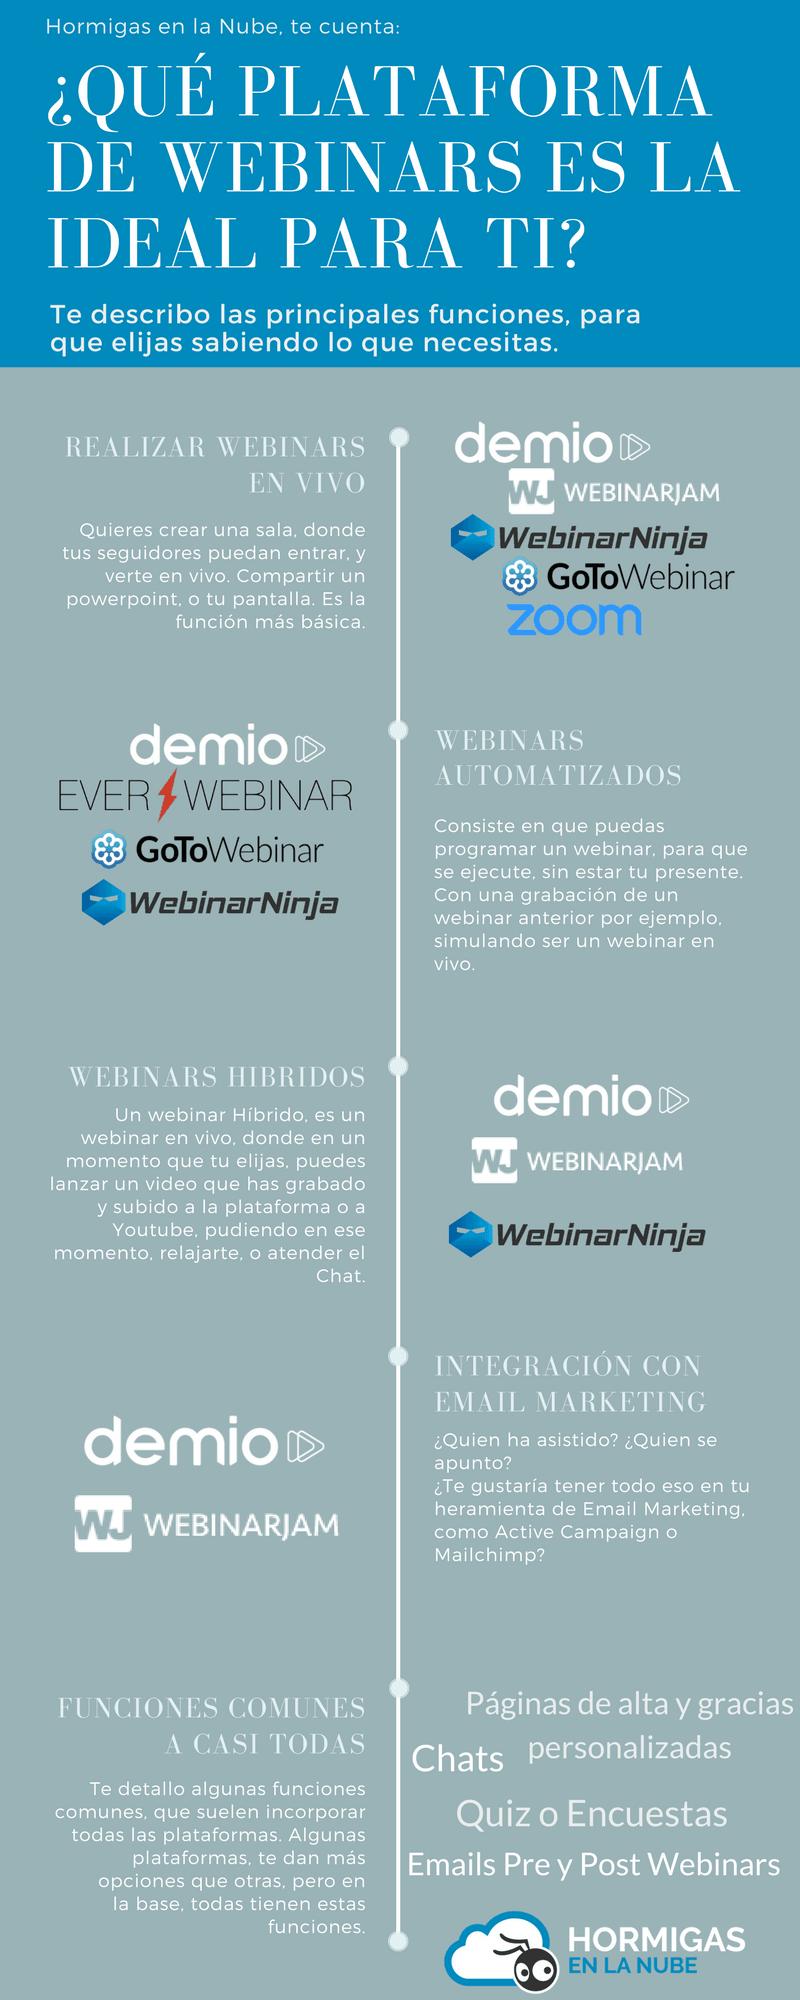 Infografía comparativa de las funciones de cada plataforma de webinars.